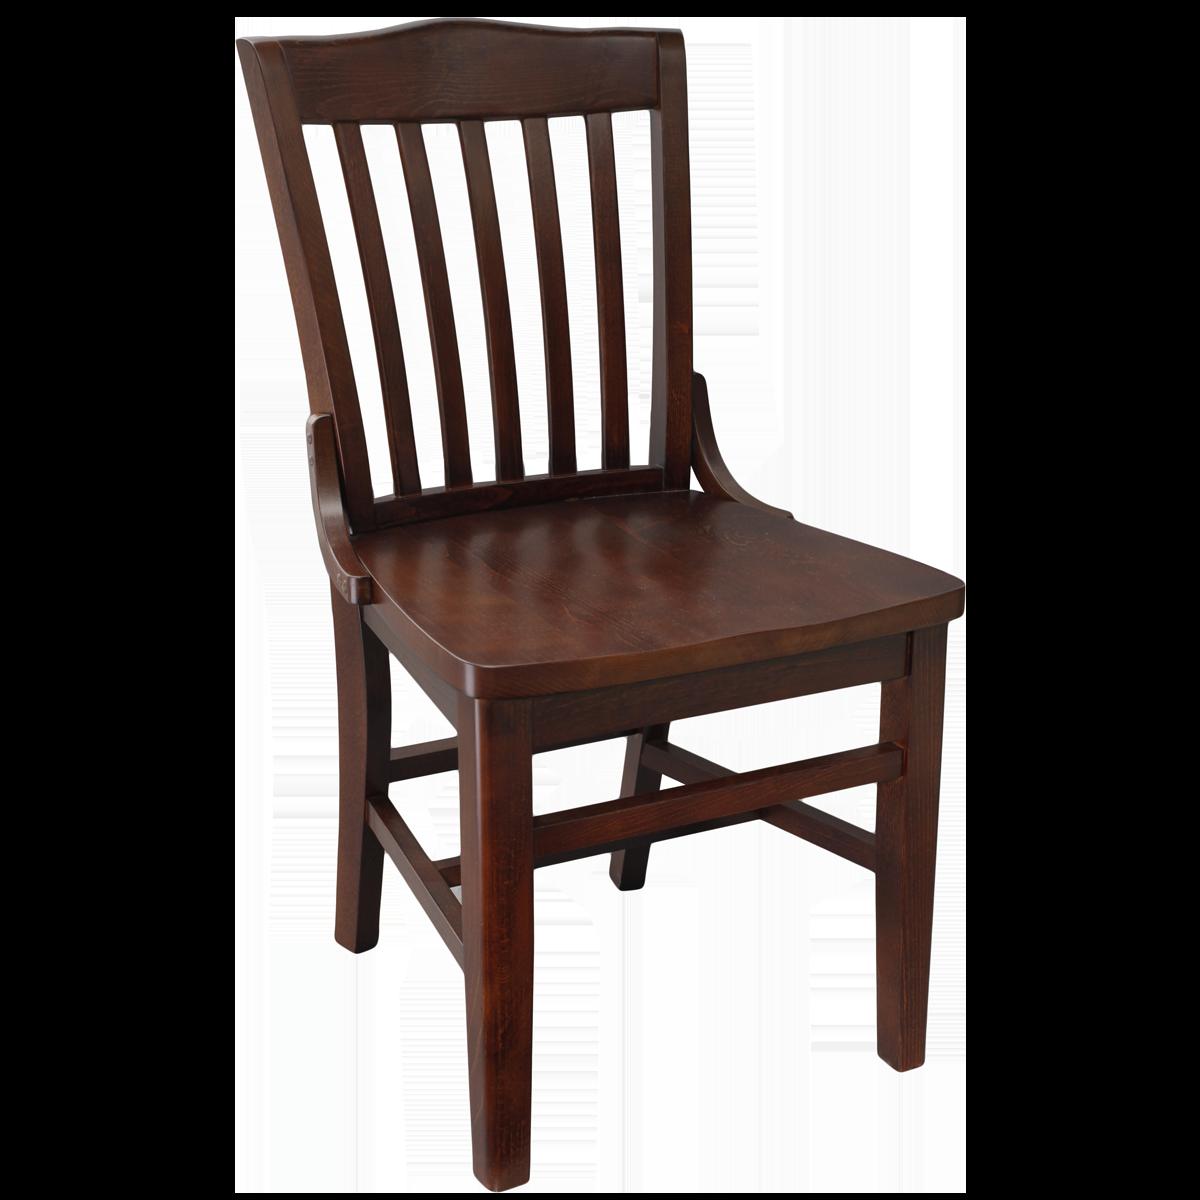 Wood Schoolhouse Chair